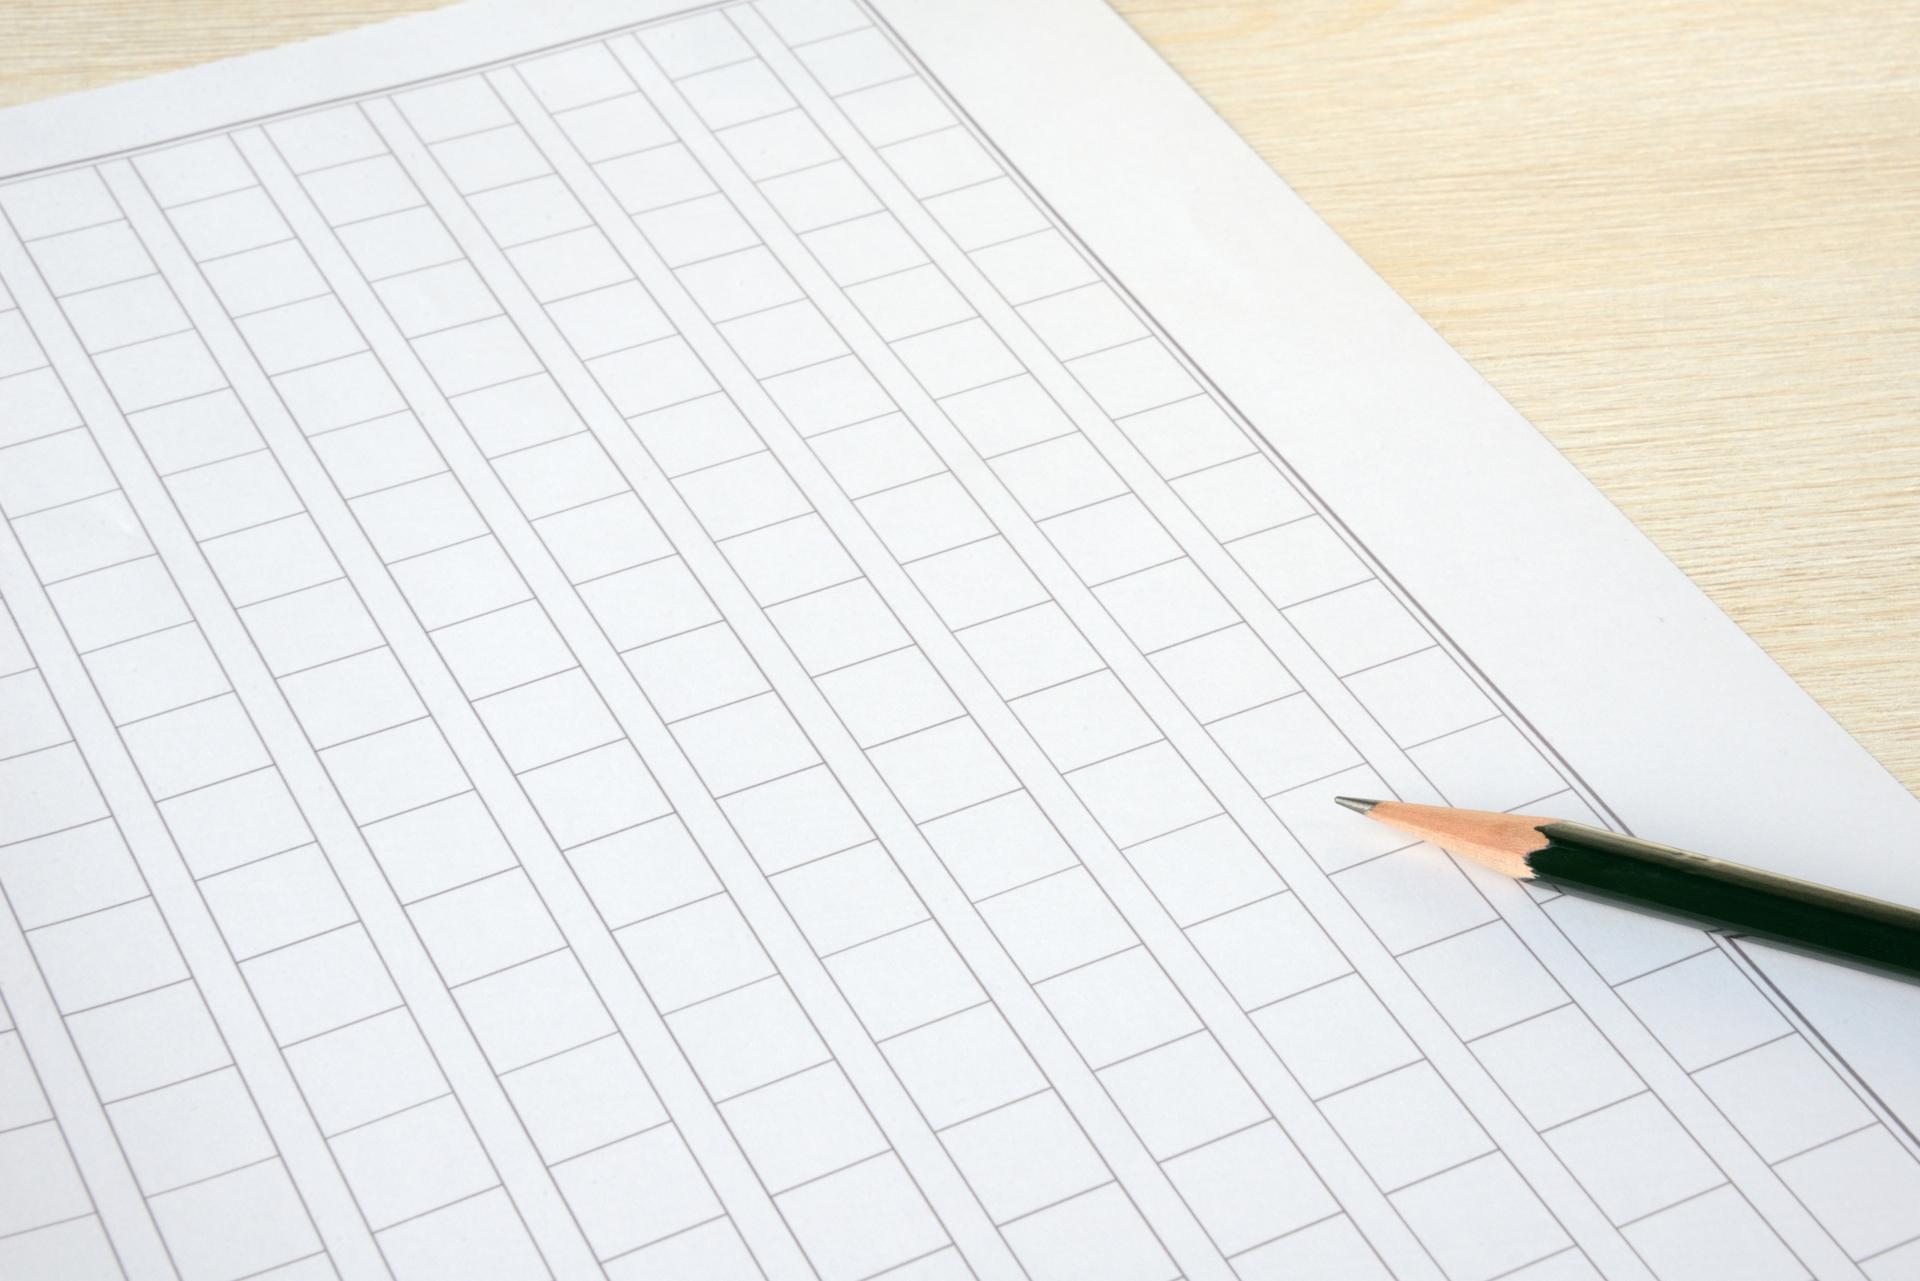 国立二次試験対策、私立後期試験対策の募集を受け付けています。